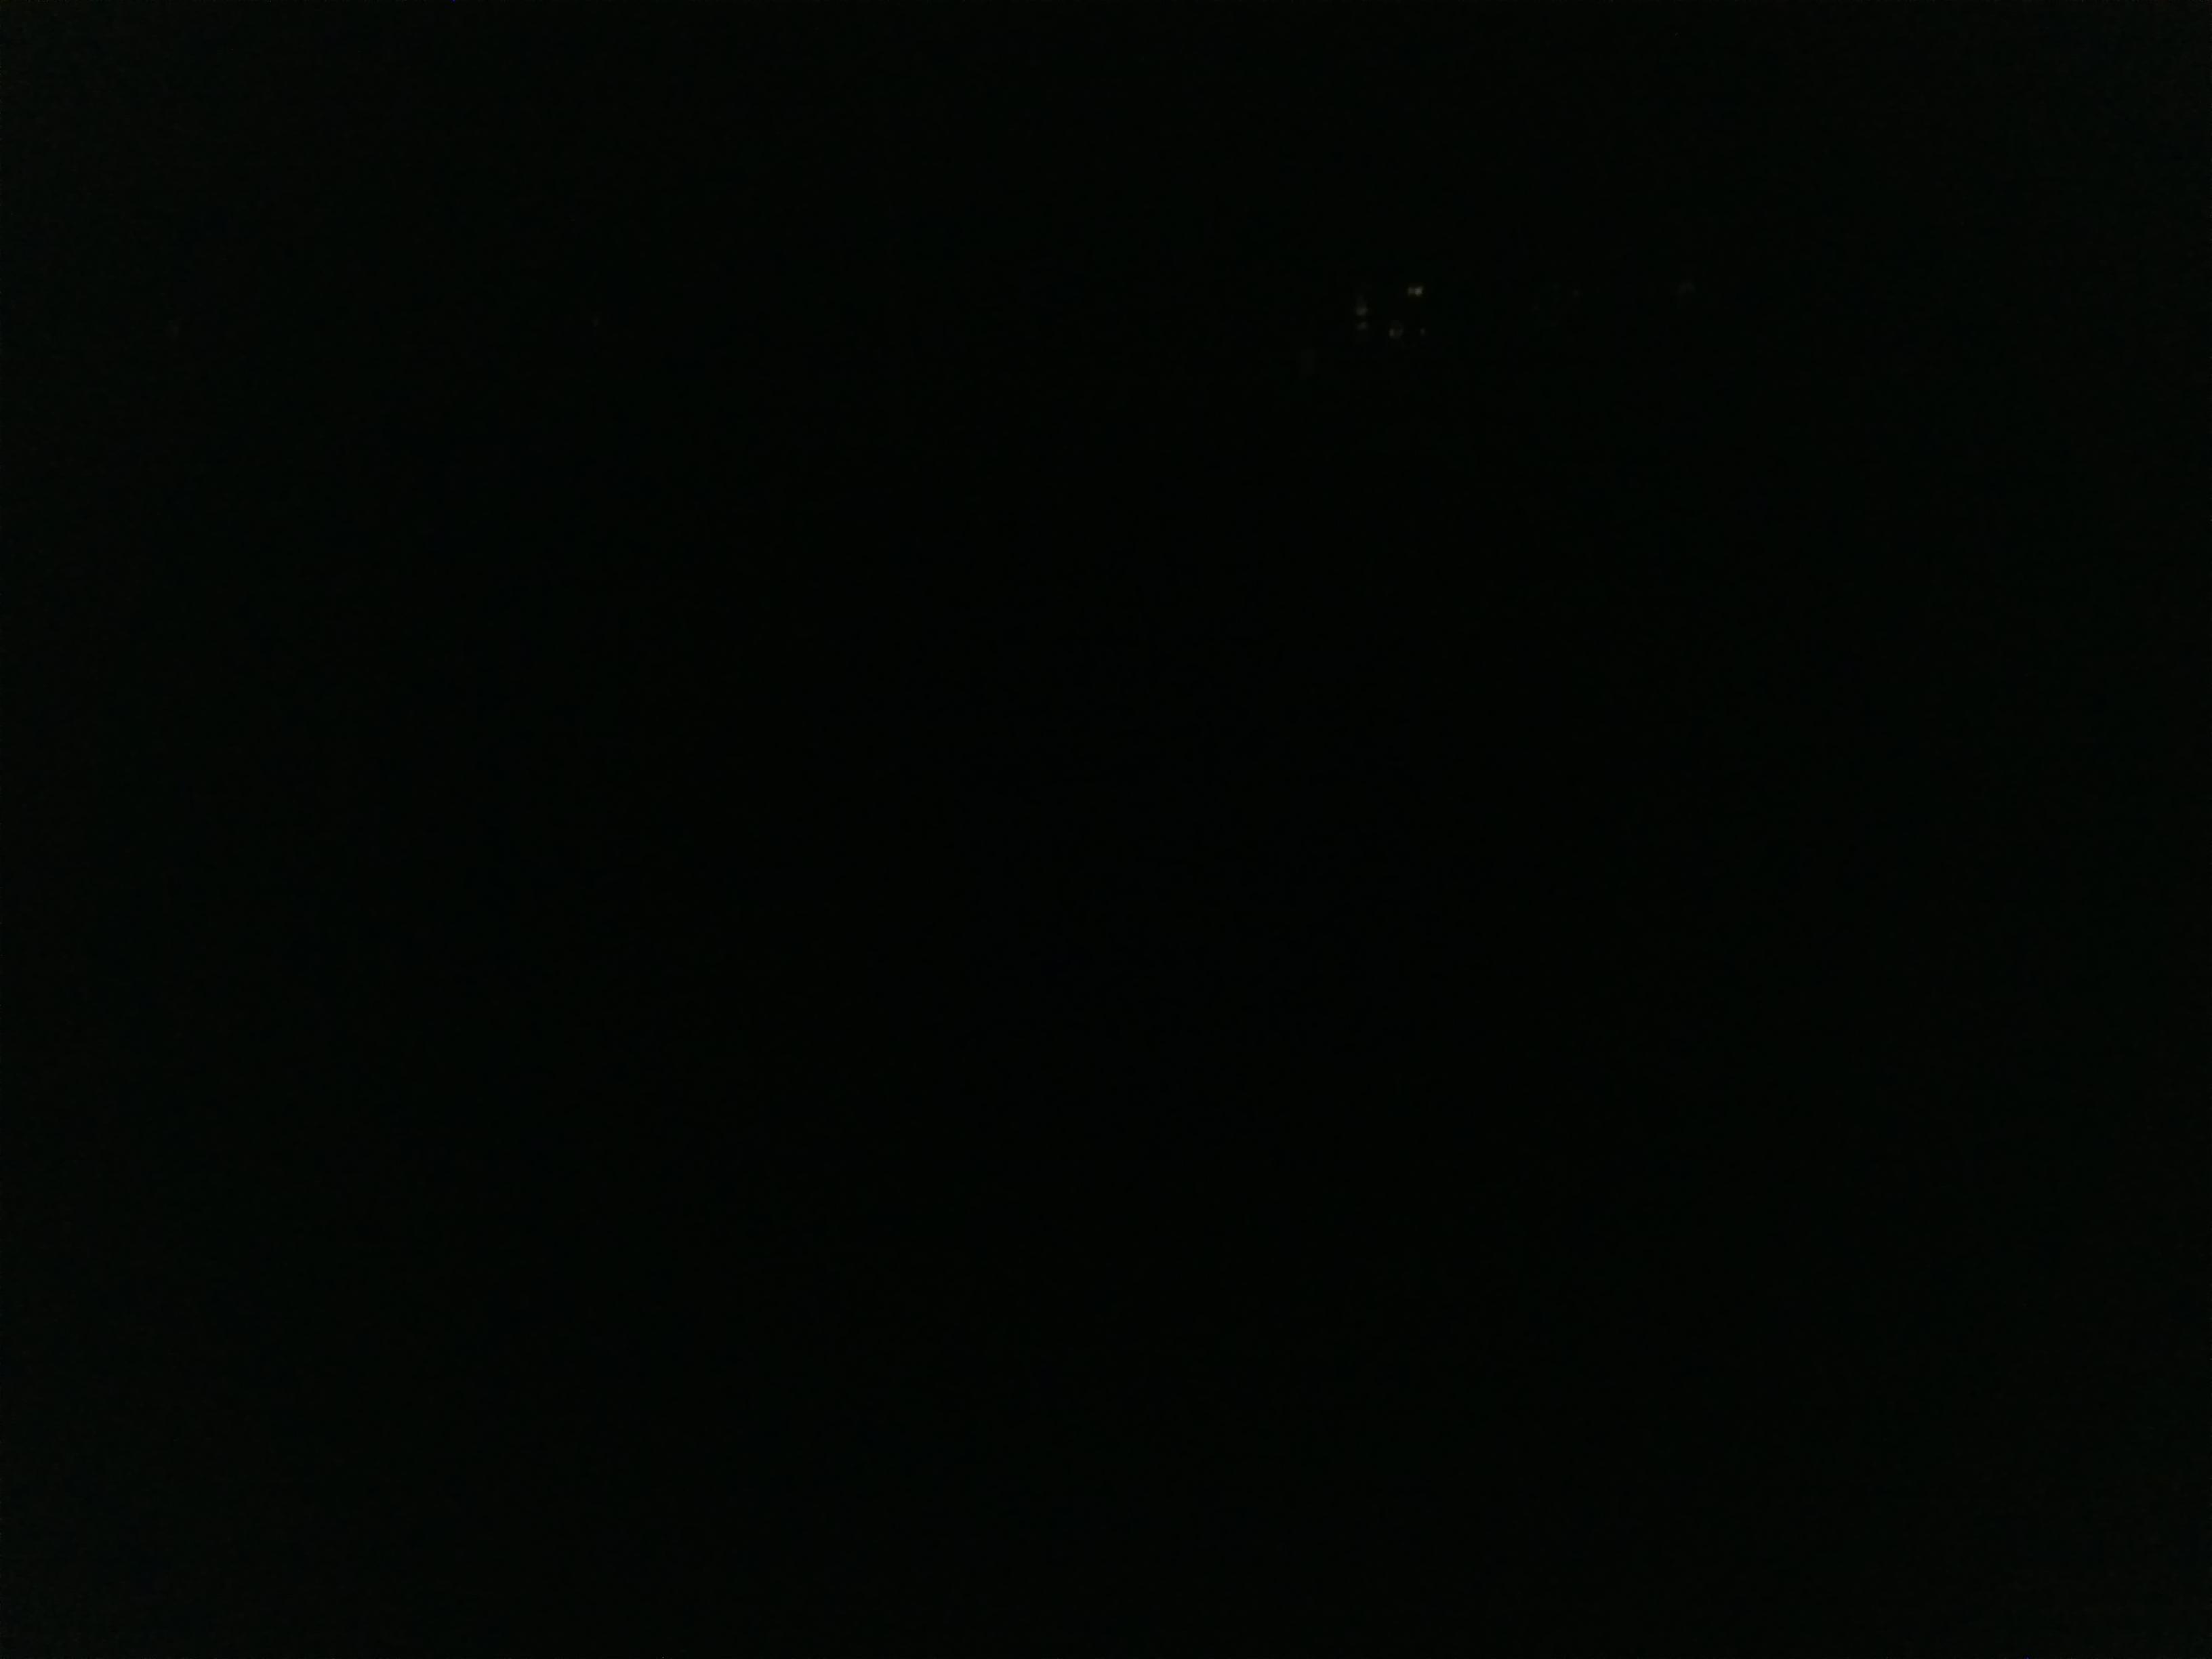 Pitch black wallpaper - SF Wallpaper